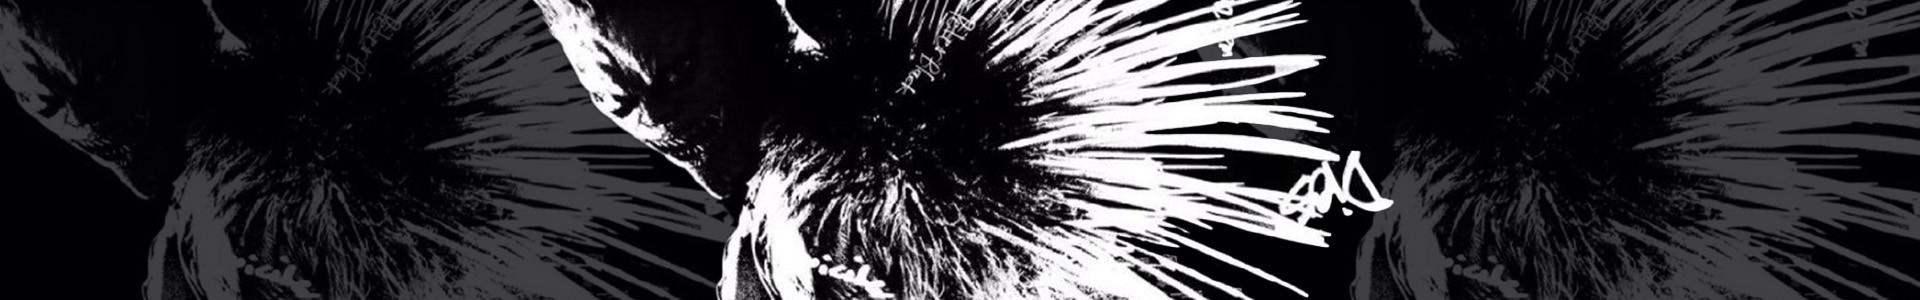 5 Imagens, trailer de Death Note com Ryuk e pôster do live-action da Netflix